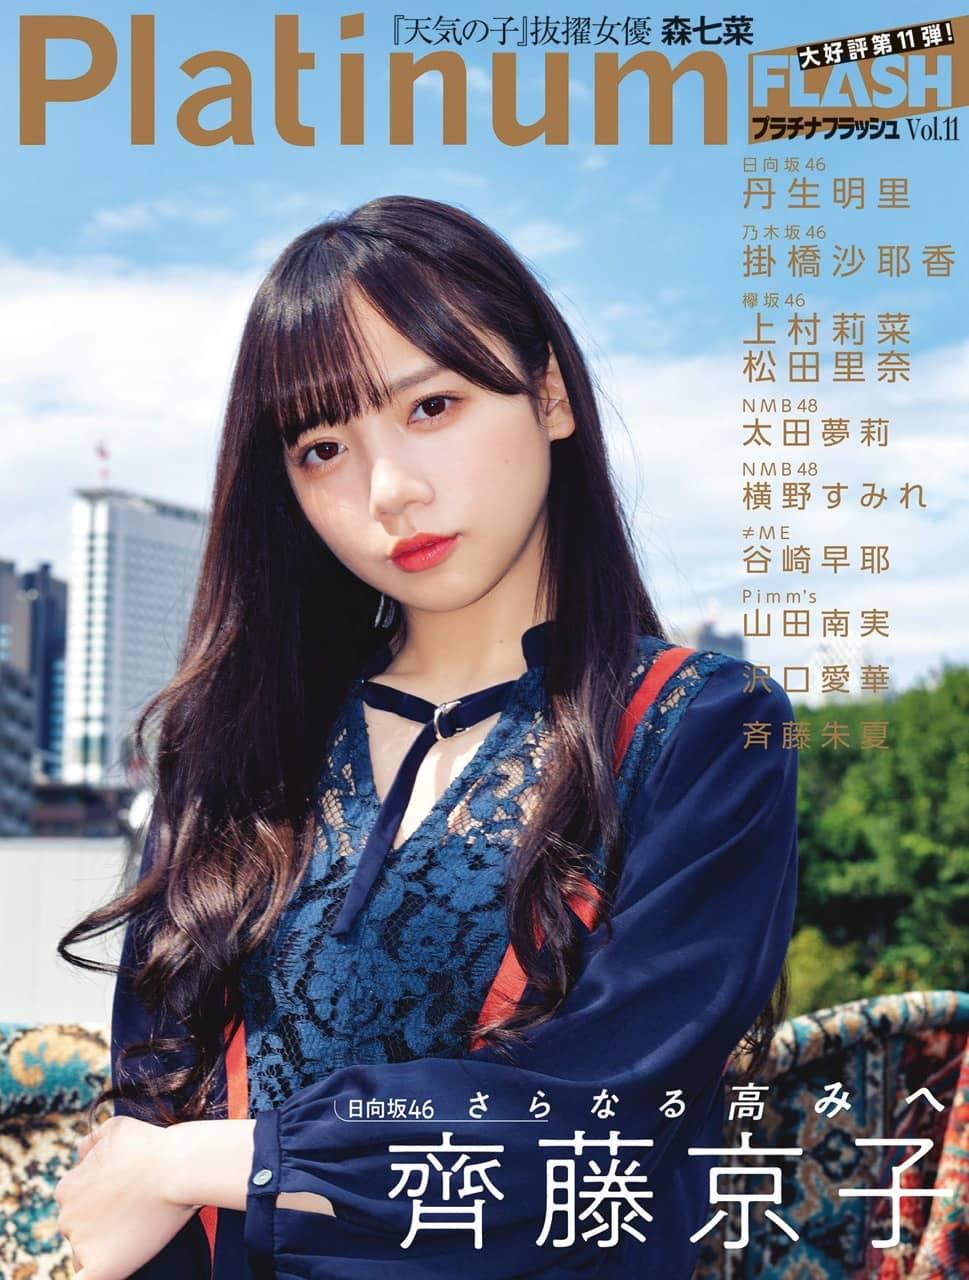 日向坂46 齊藤京子が表紙に登場!「Platinum FLASH vol.11」11/21発売!